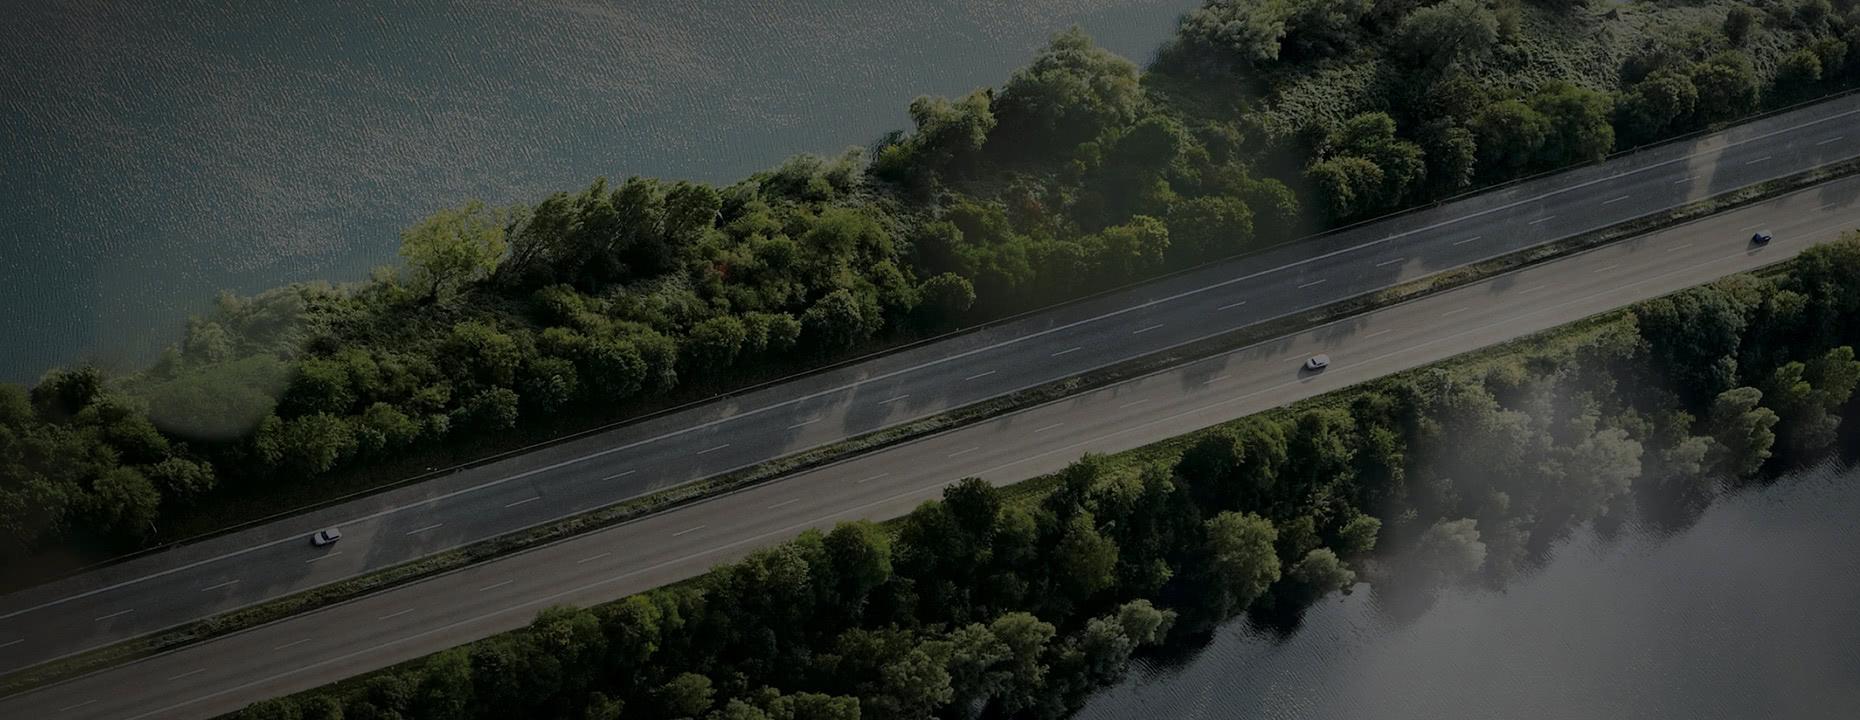 В Україні стартували продажі нової Hyundai Elantra | Автотрейдінг-Харків - фото 10